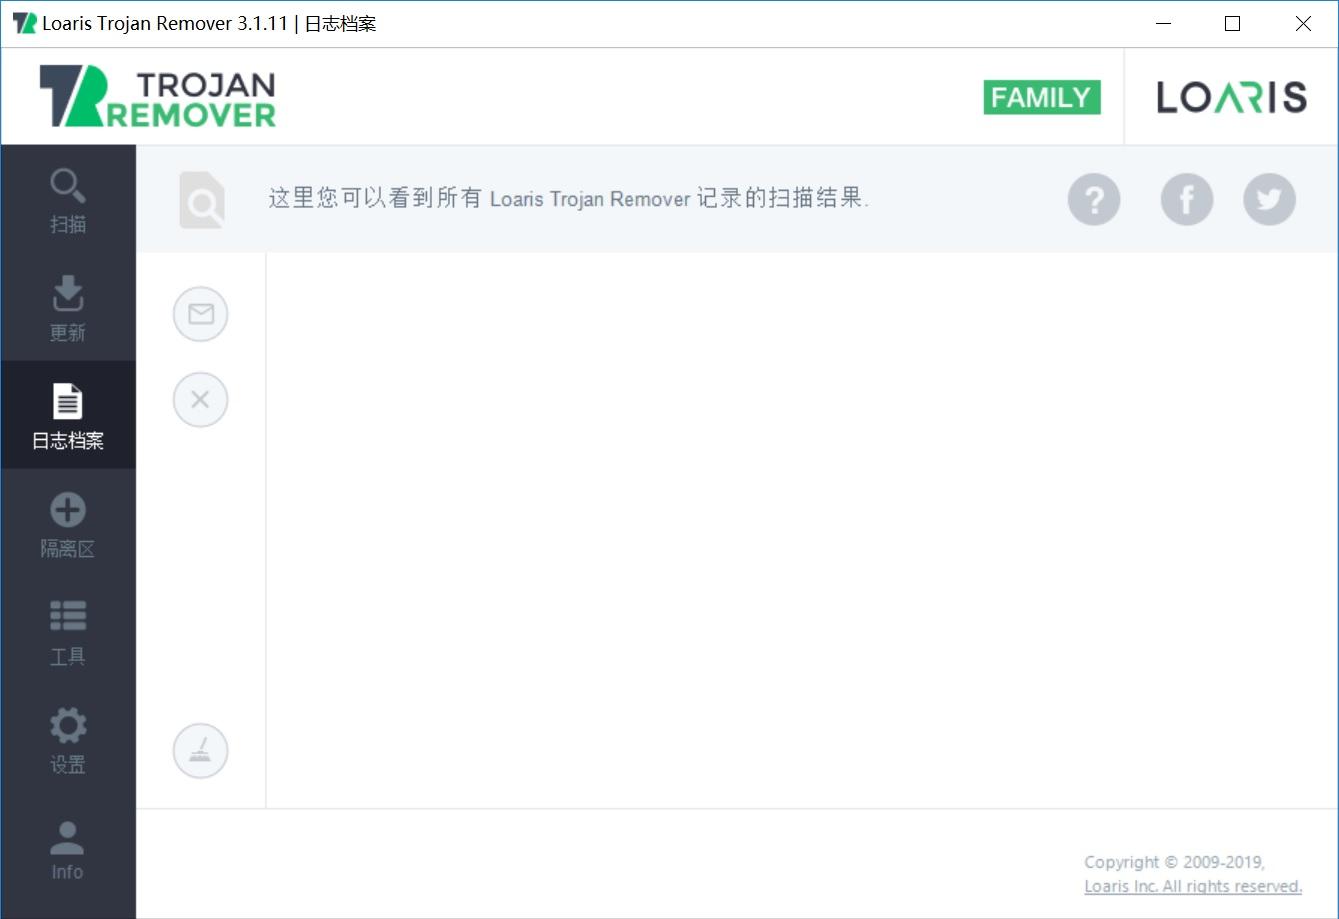 Loaris Trojan Remover 破解版.jpg